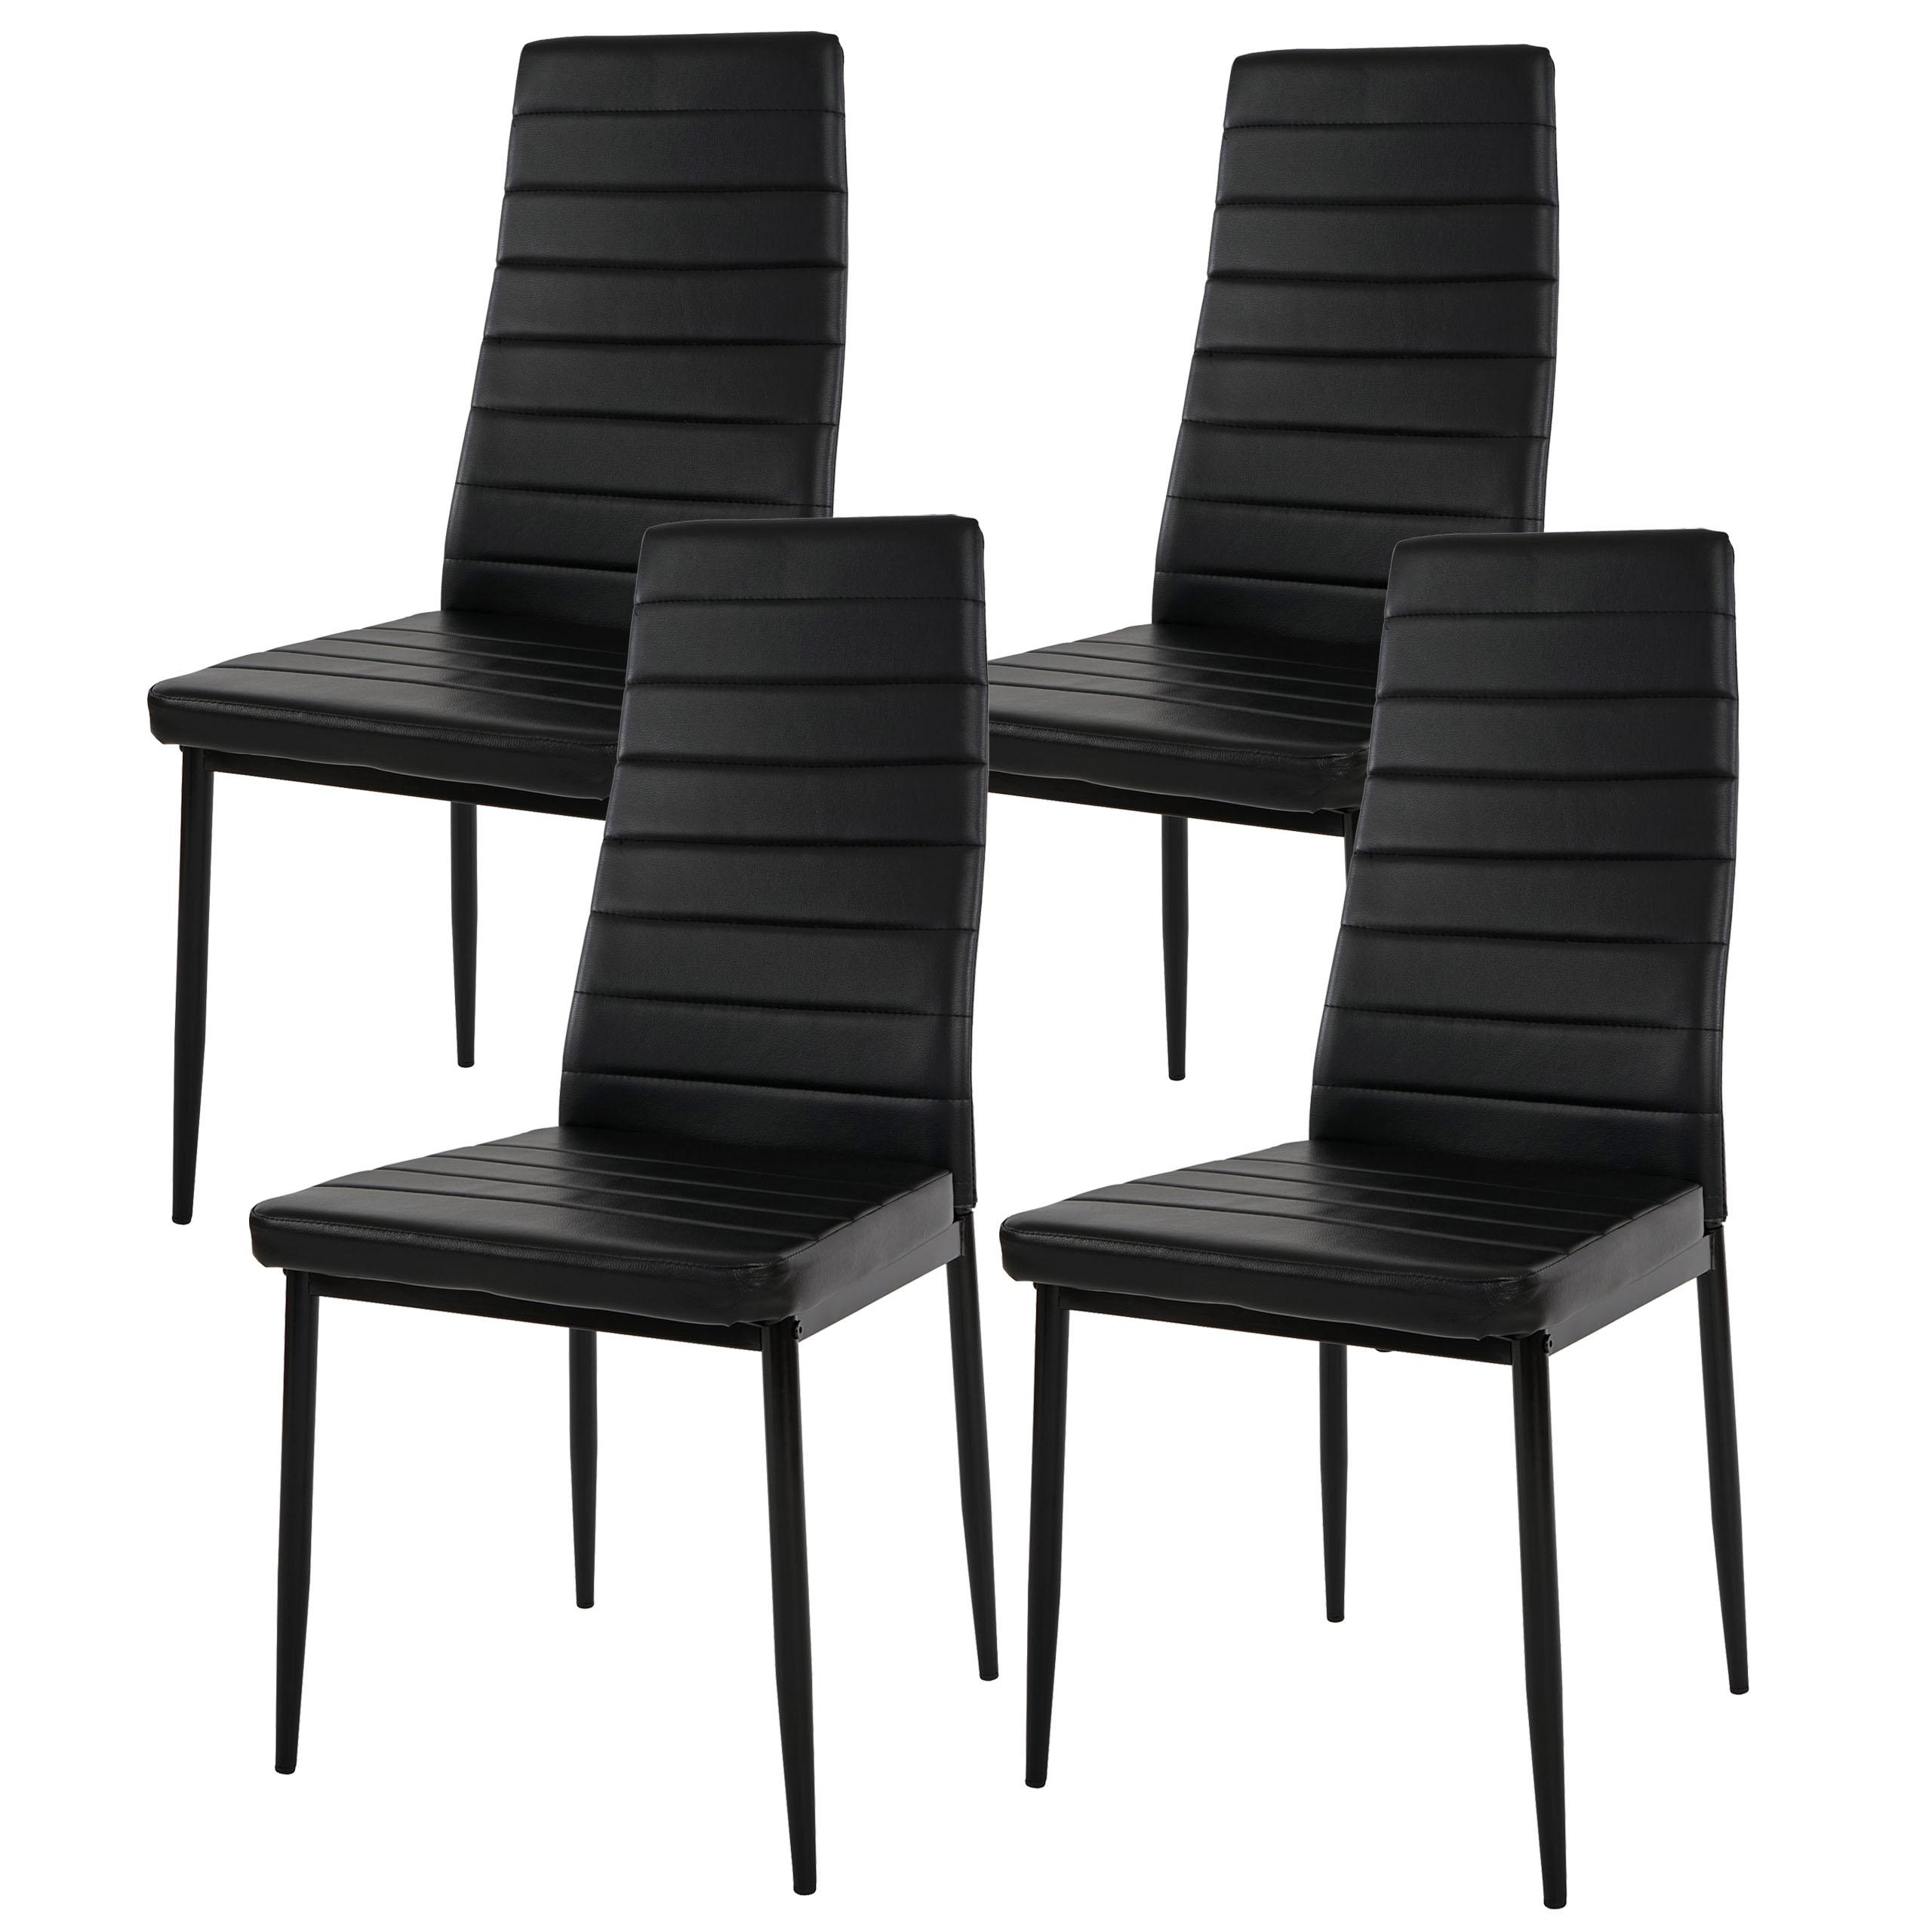 Lote 4 sillas de comedor o cocina kiros gran acolchado for Sillas para comedor de oficina